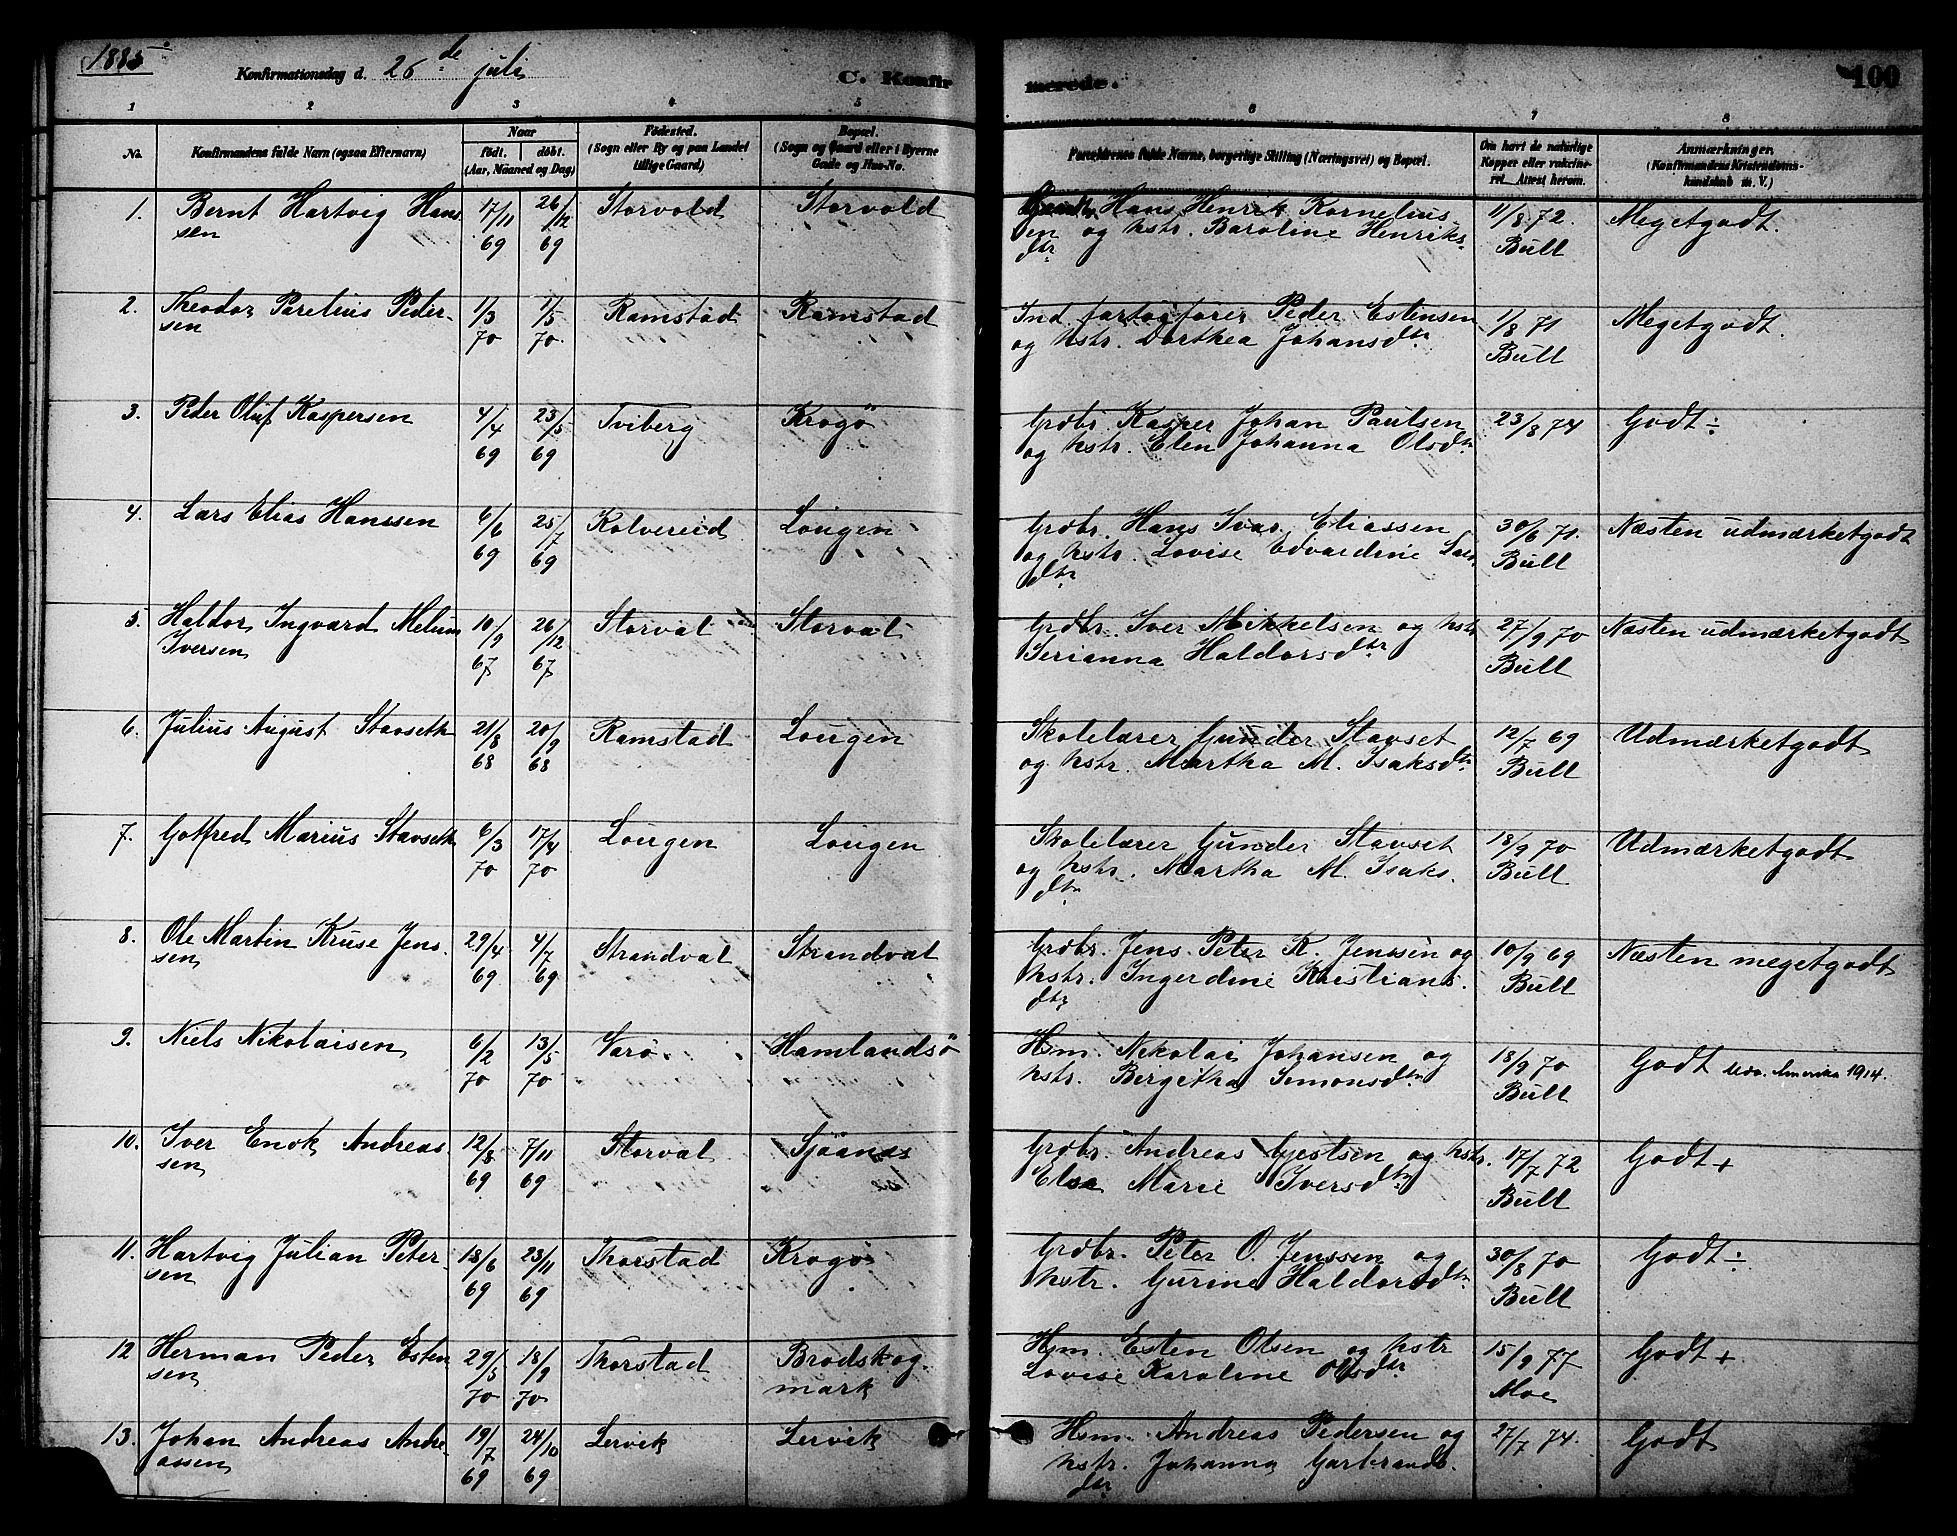 SAT, Ministerialprotokoller, klokkerbøker og fødselsregistre - Nord-Trøndelag, 784/L0672: Ministerialbok nr. 784A07, 1880-1887, s. 100